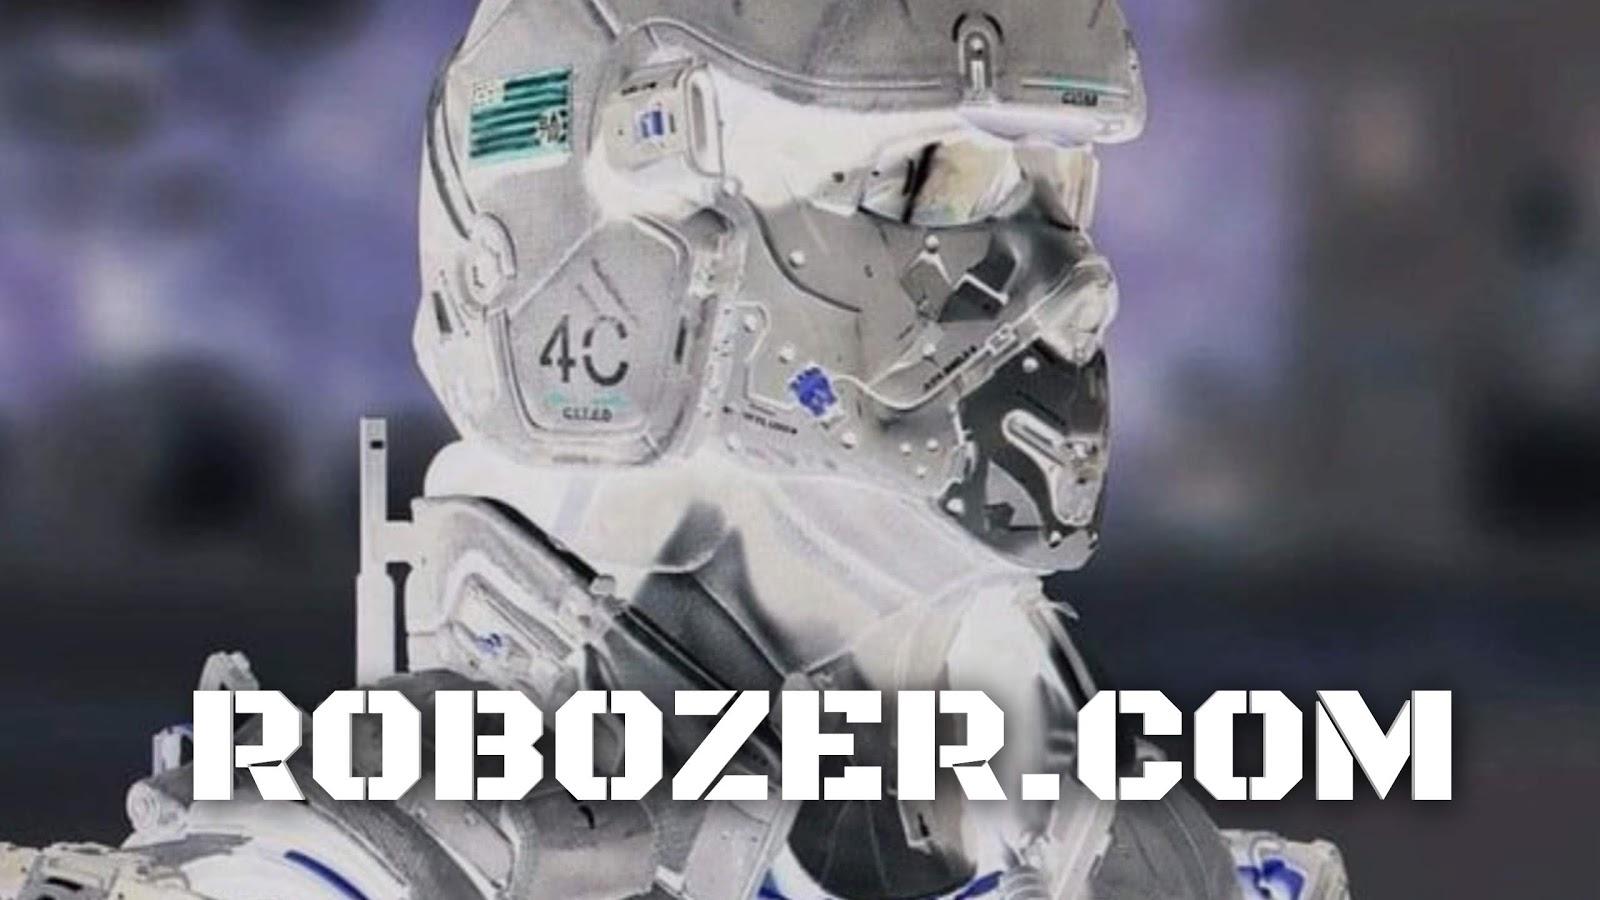 ROBOZER.COM